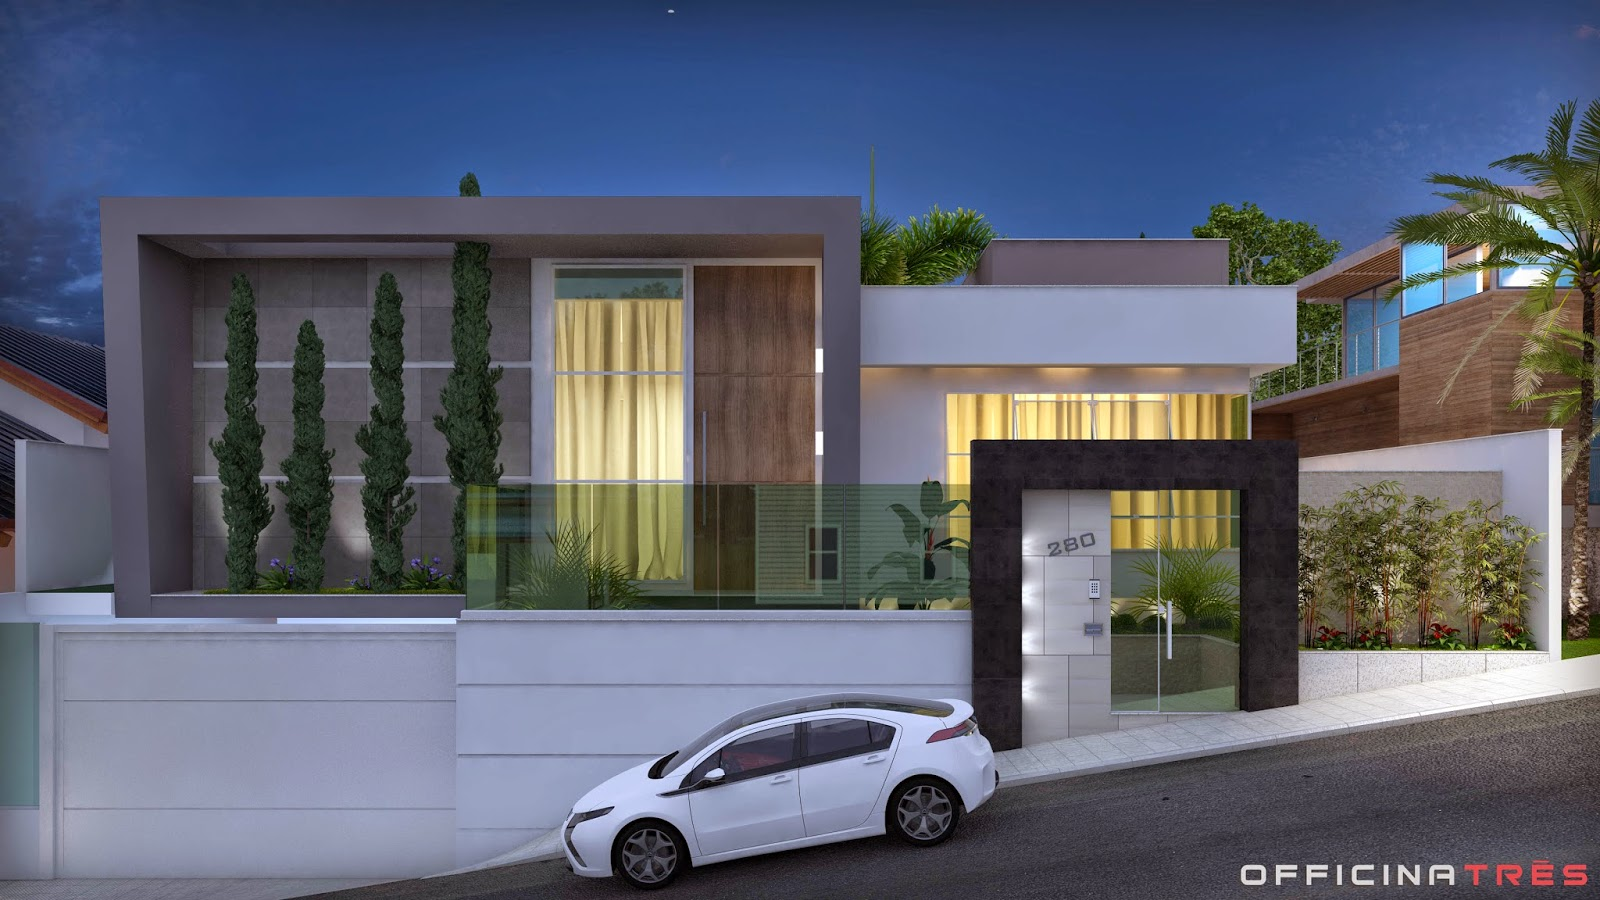 Officinatr s casa moderna loteamento alphaville manhua u mg for Casa moderna udine 2014